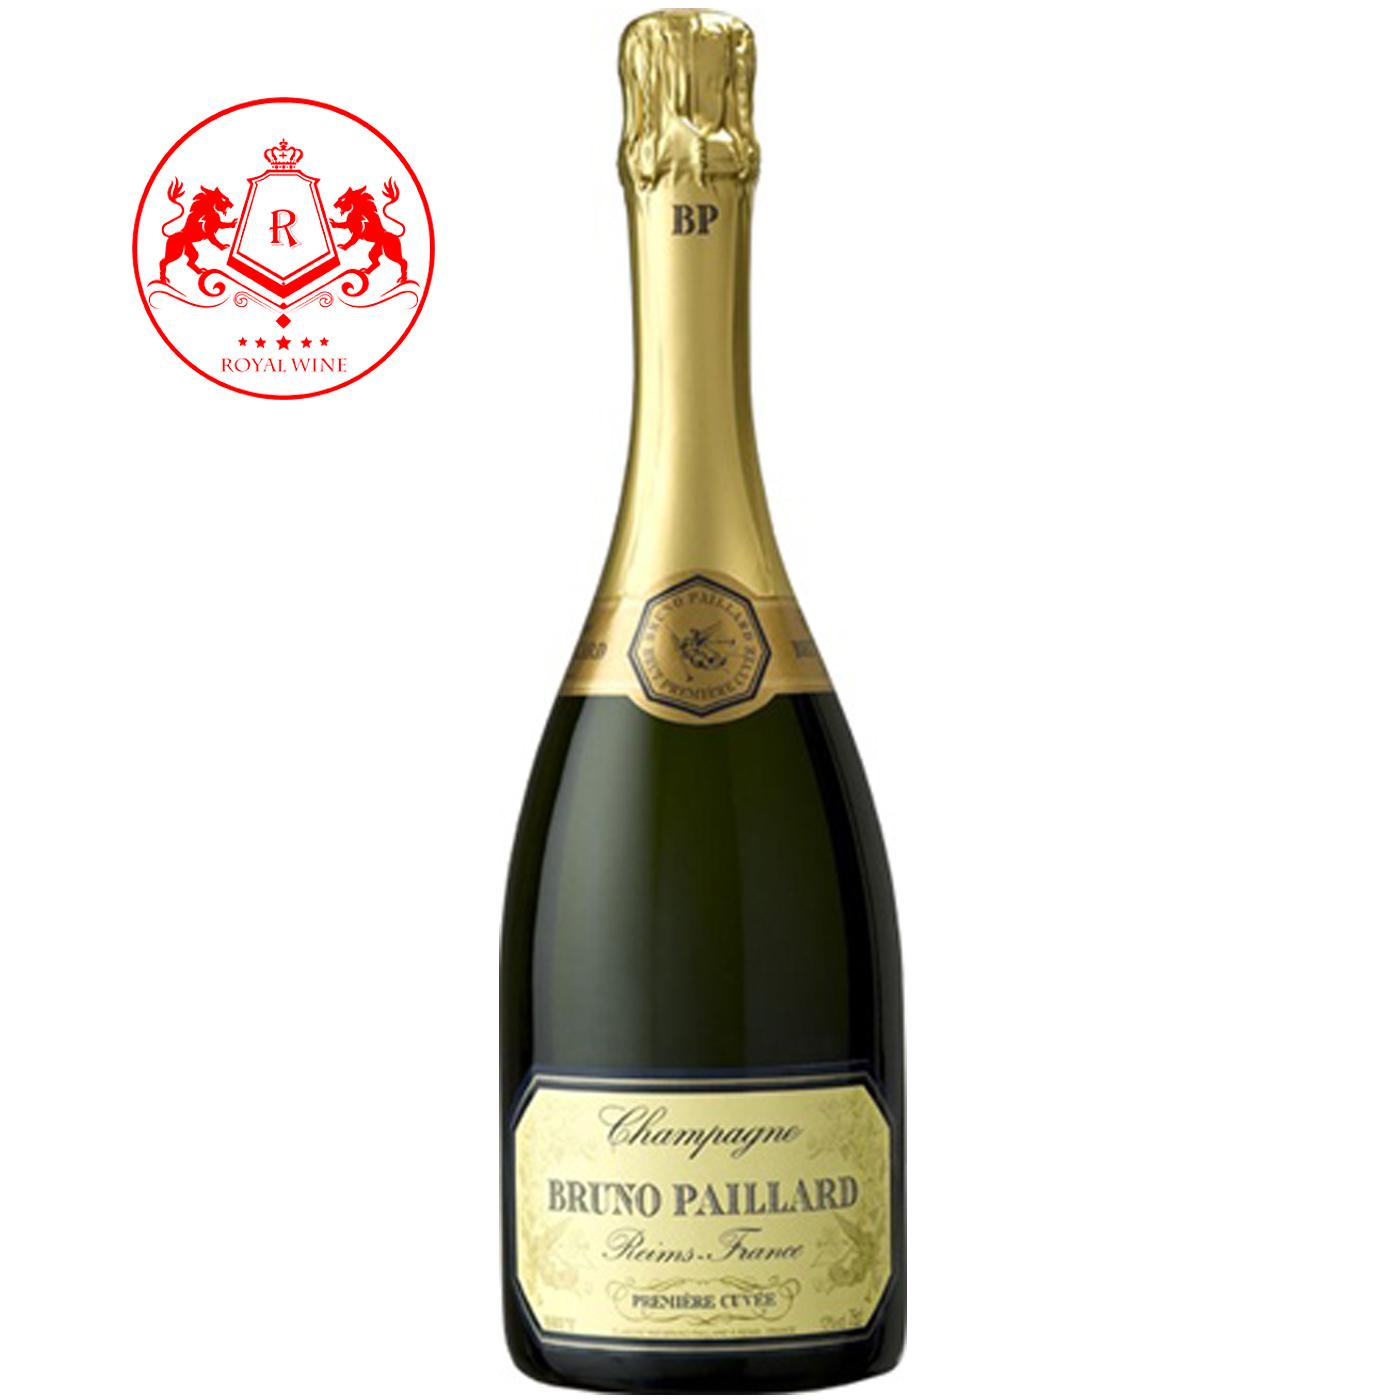 Champagne BRUNO PAILLARD Brut Premiere Cuvee